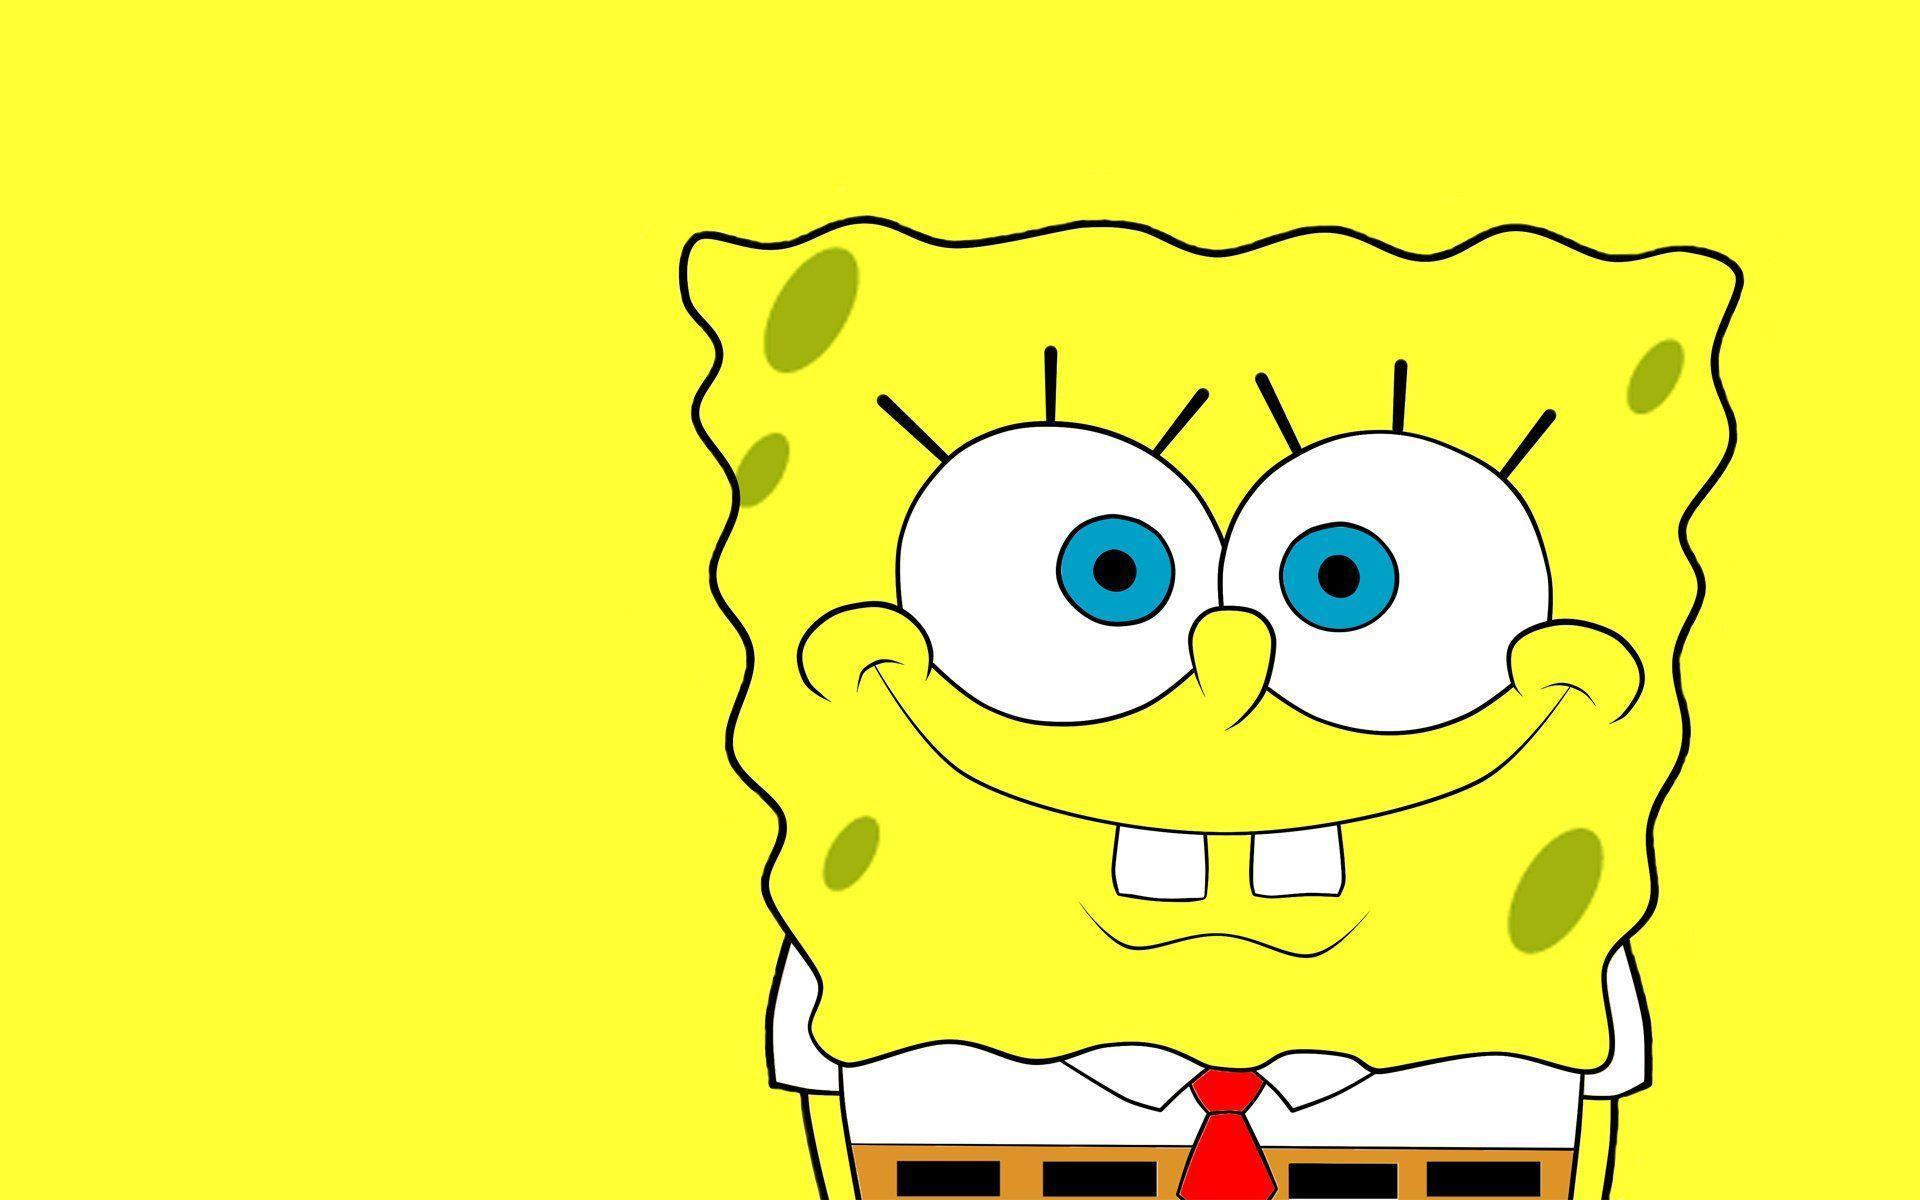 Hình nền HD 1920x1200 Spongebob Squarepants